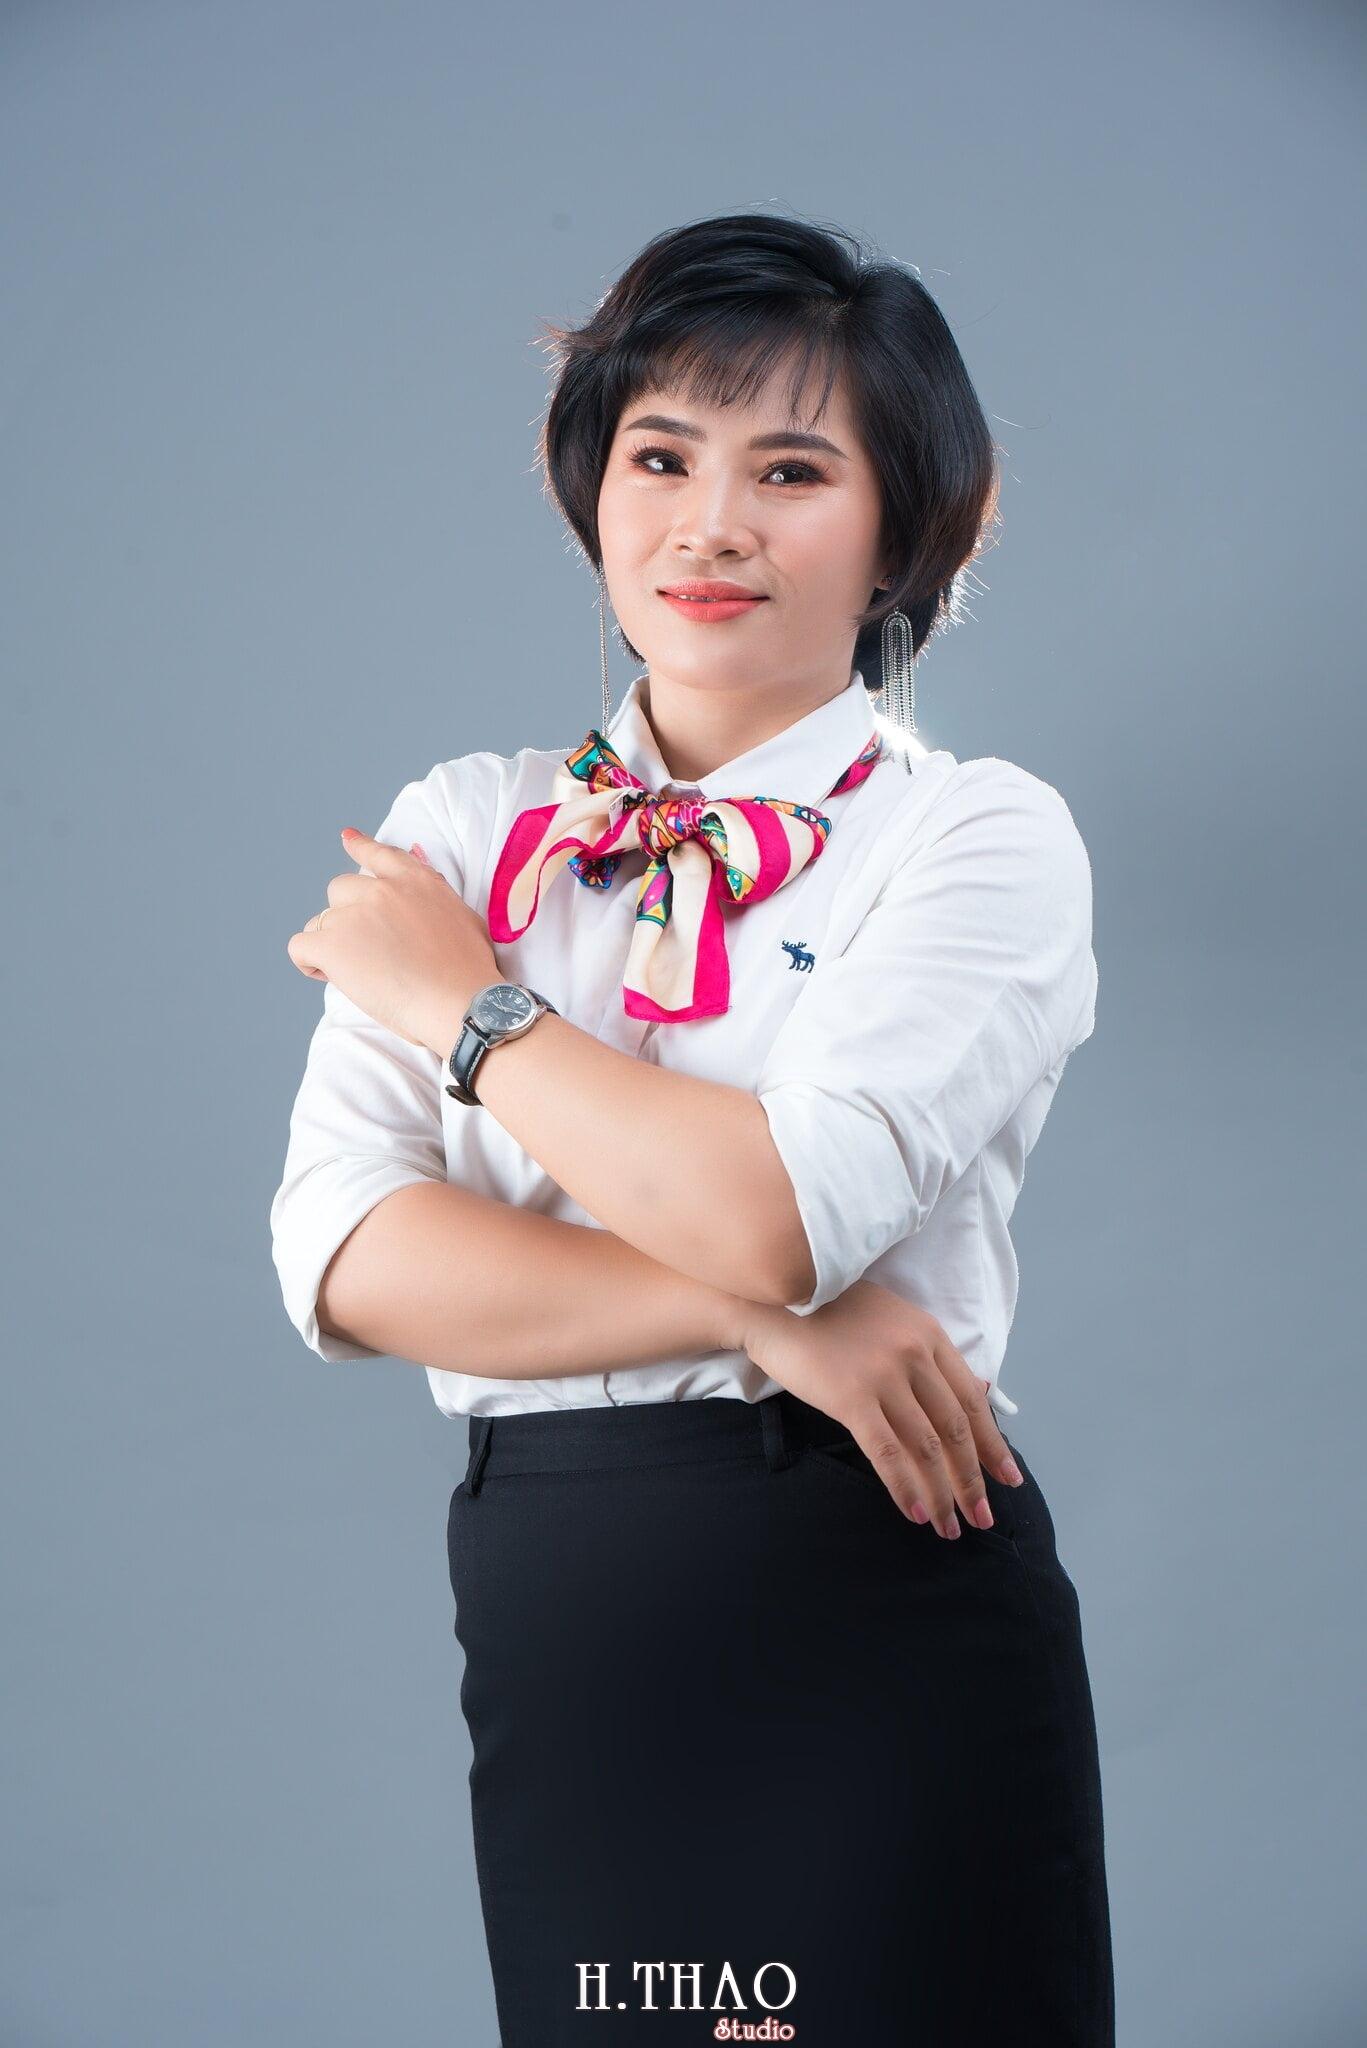 cong ty manulife 5 min - Album ảnh profile cá nhân chị Ny Manulife - HThao Studio